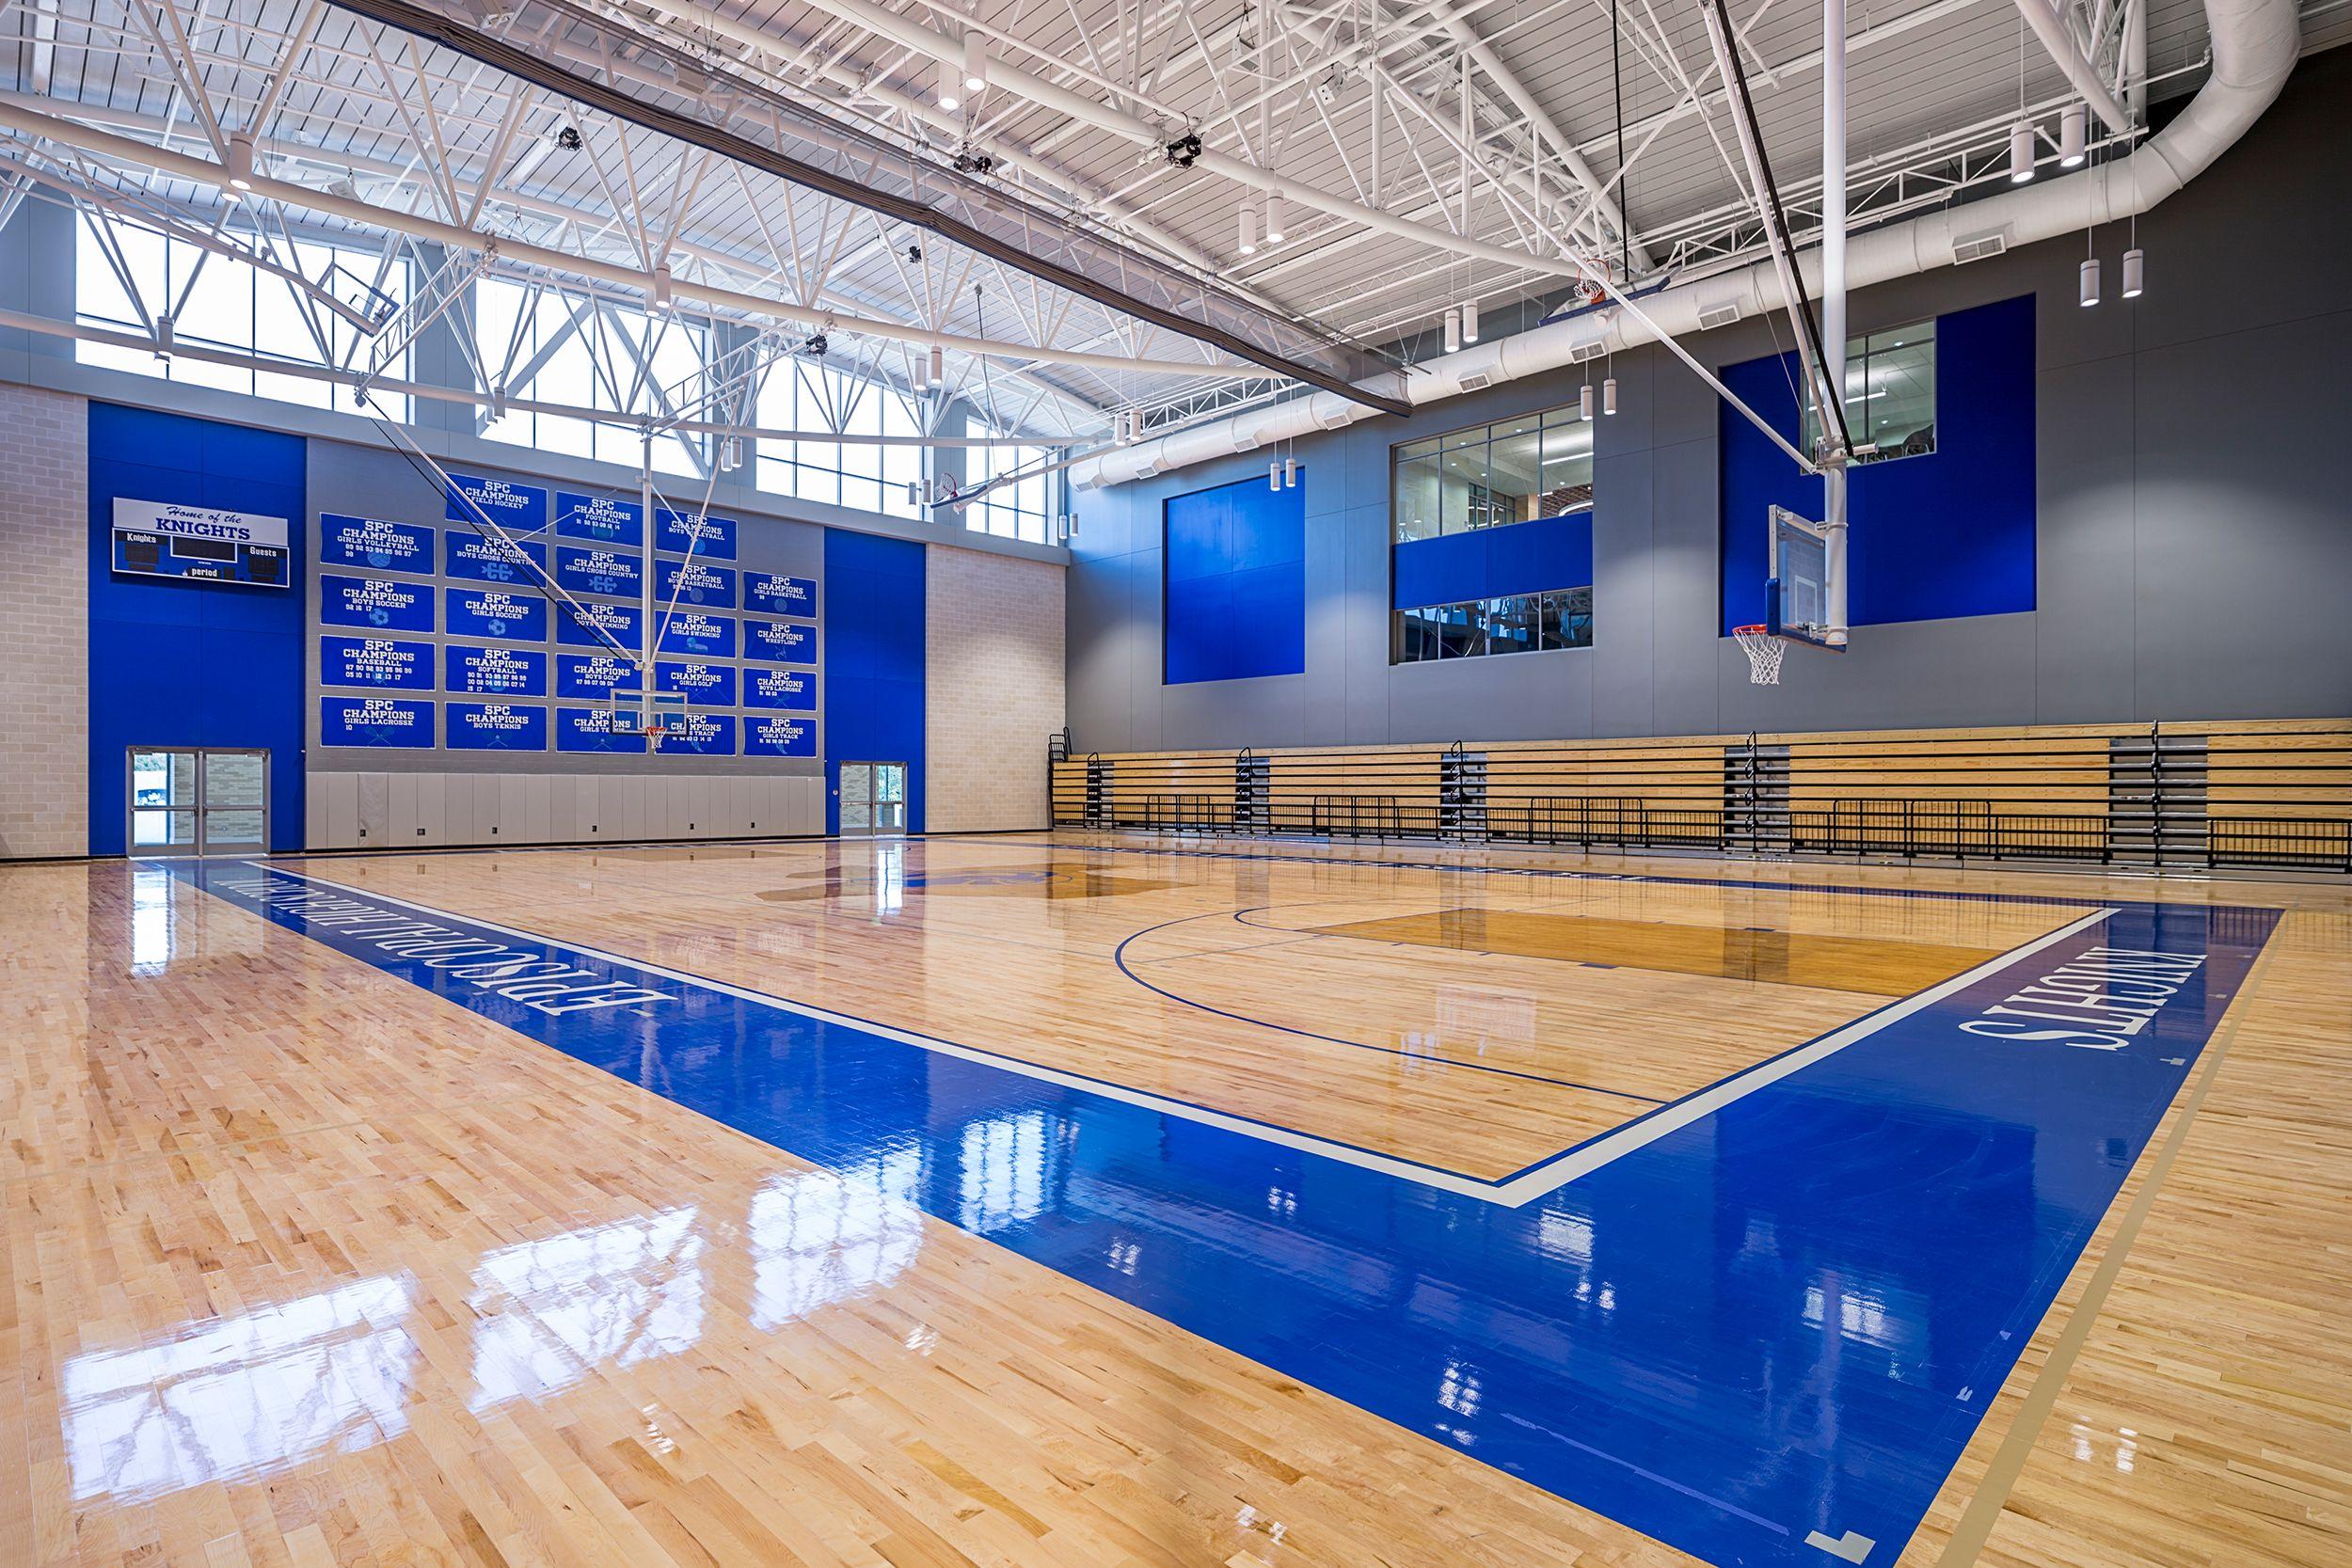 33 High School Gyms Ideas School High School Gym